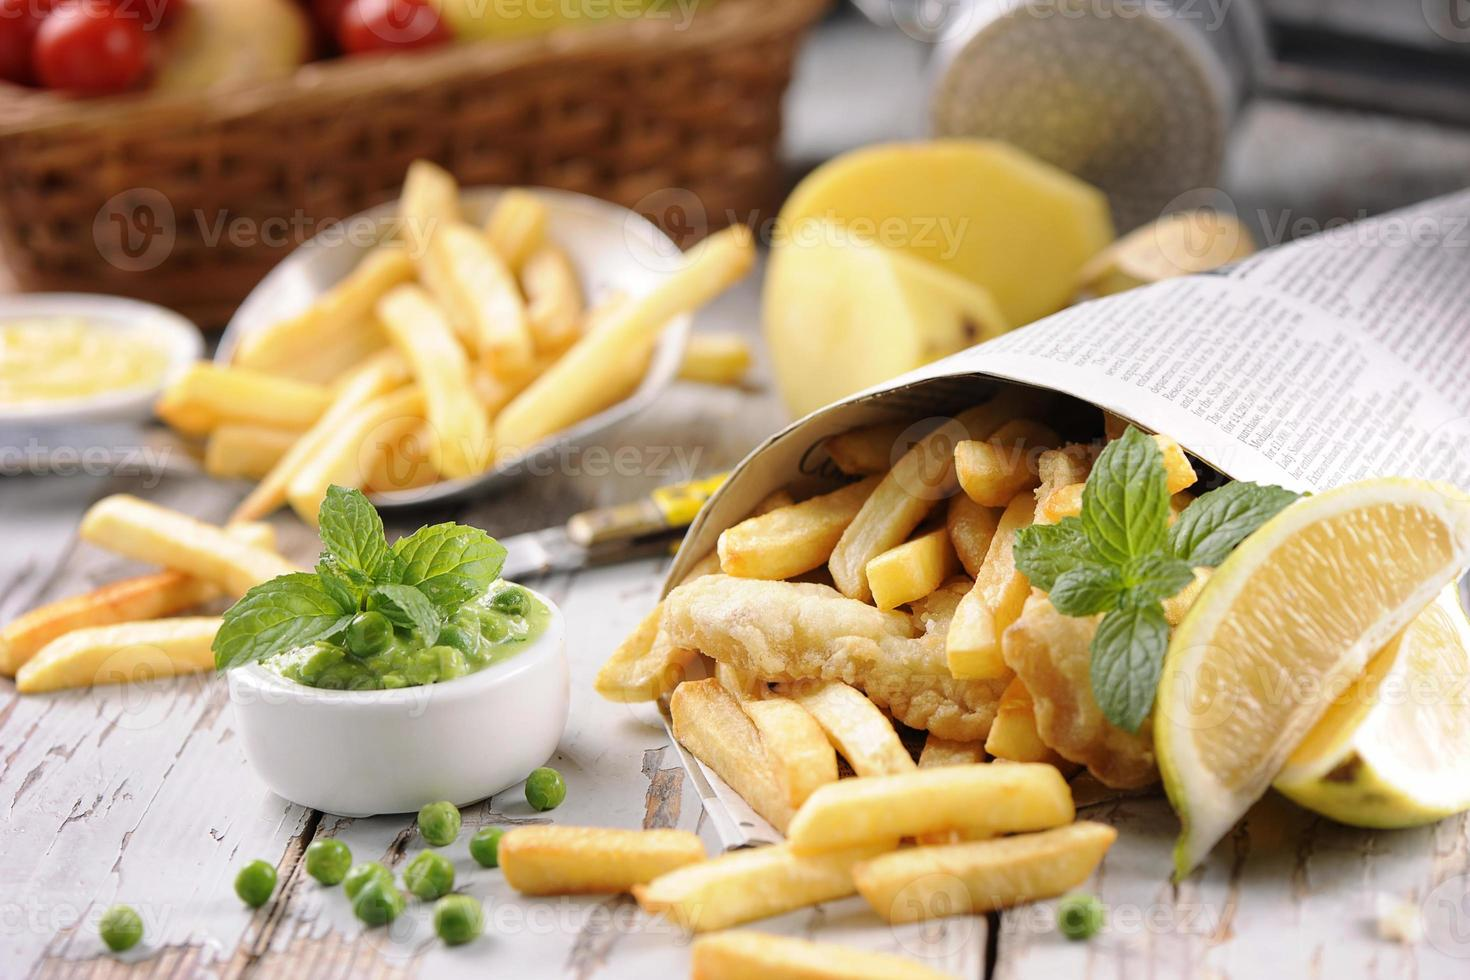 pescado y papas fritas envuelto en periódico foto